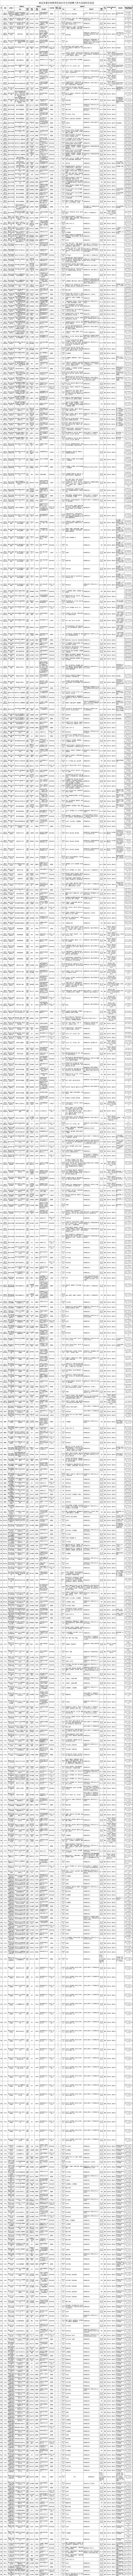 南京407家事业单位招人,这里有最全岗位